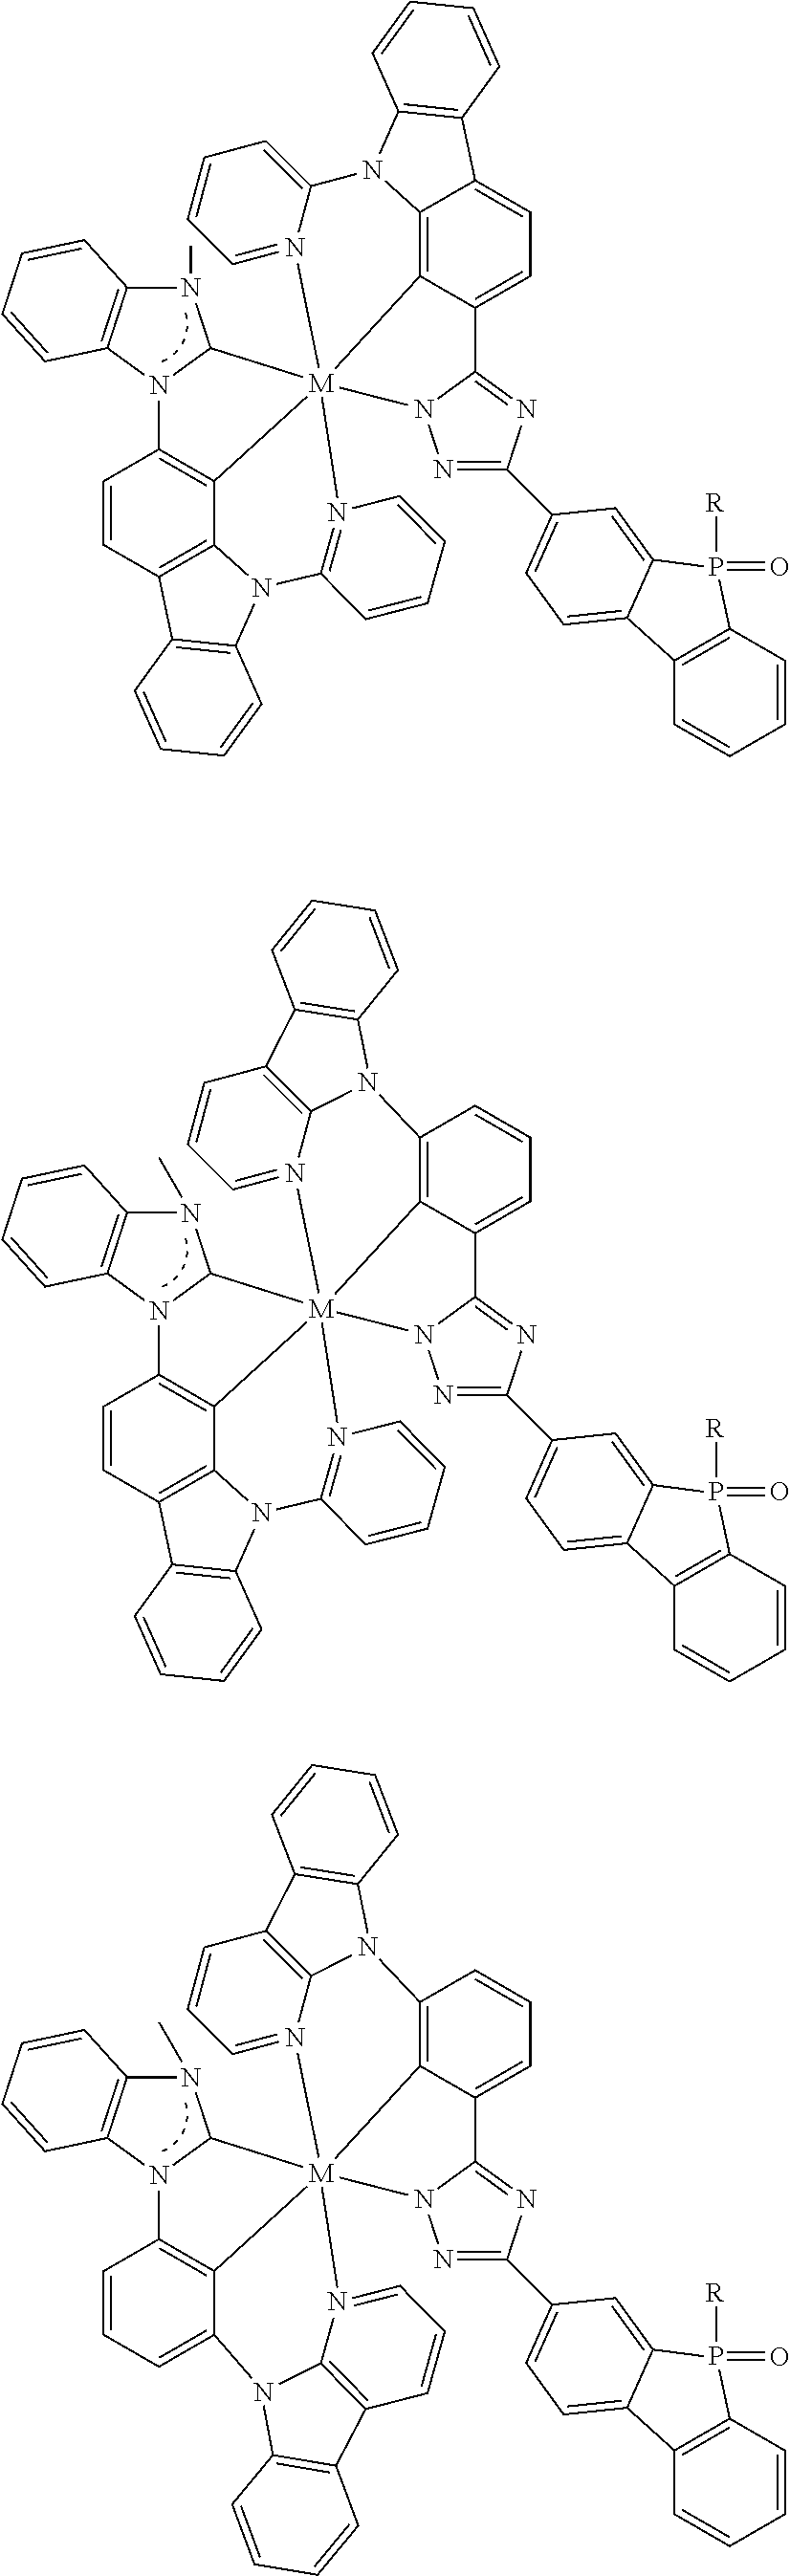 Figure US09818959-20171114-C00285